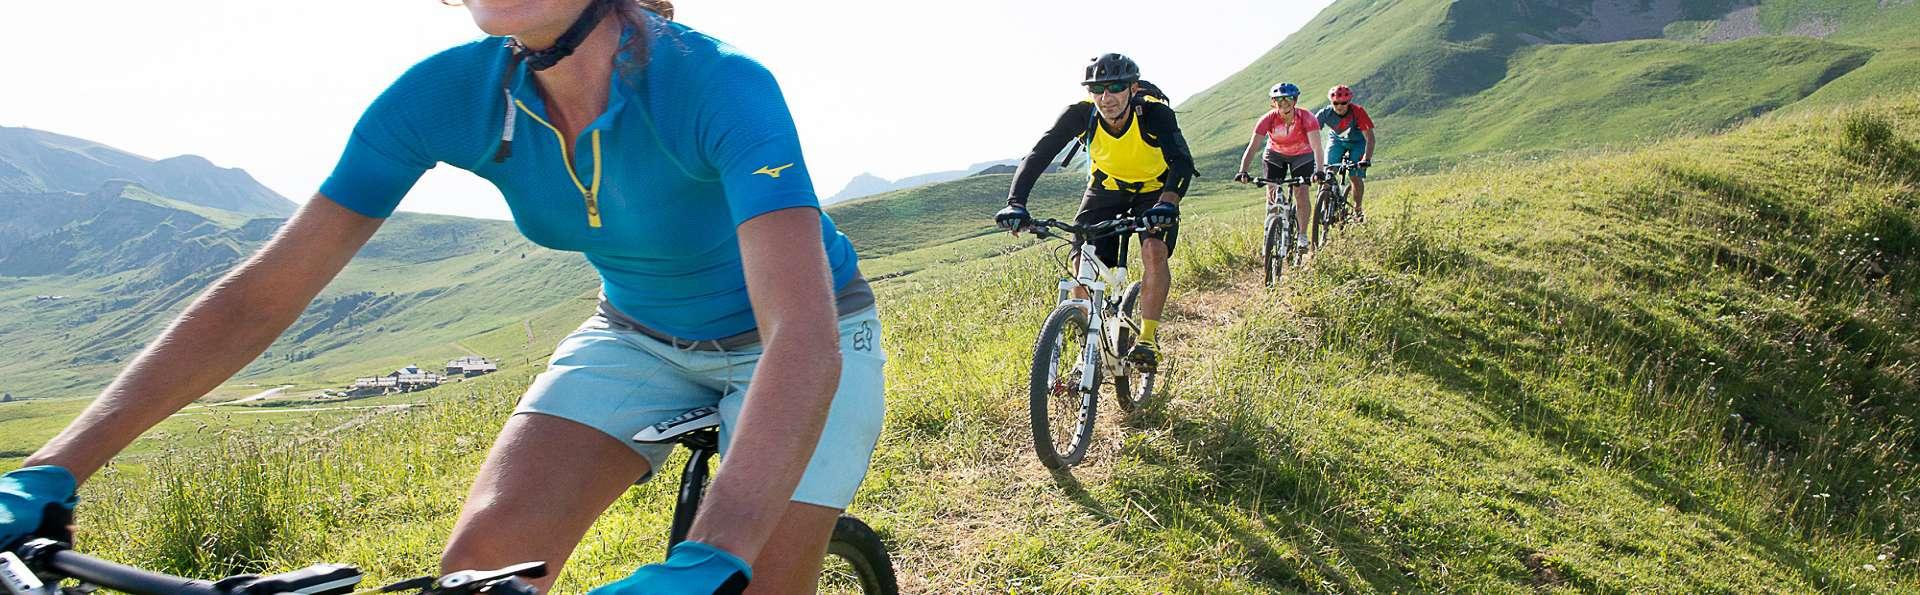 Escapade à vélo et moment de détente sous le soleil de La Clusaz